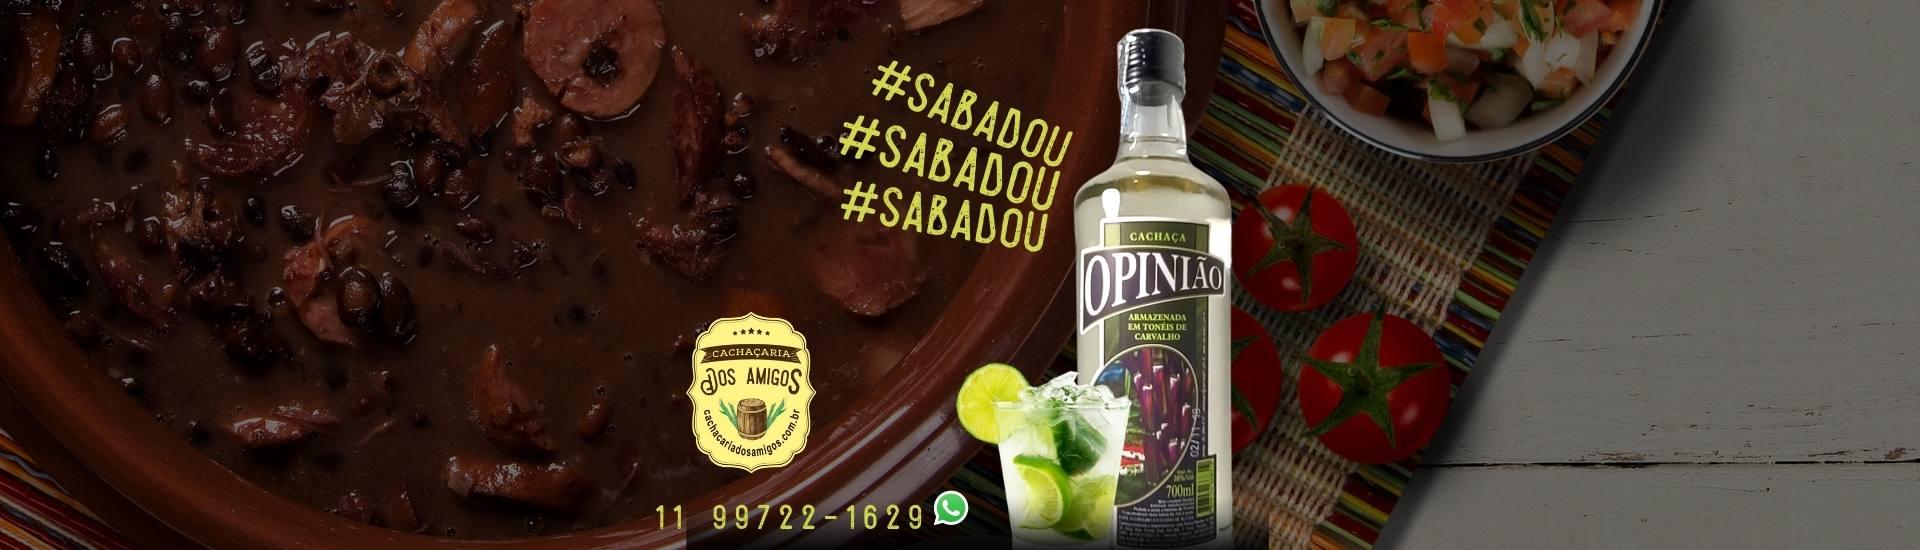 Cachaça Opinião_feijoada_caipirinha - cachacaria dos amigos